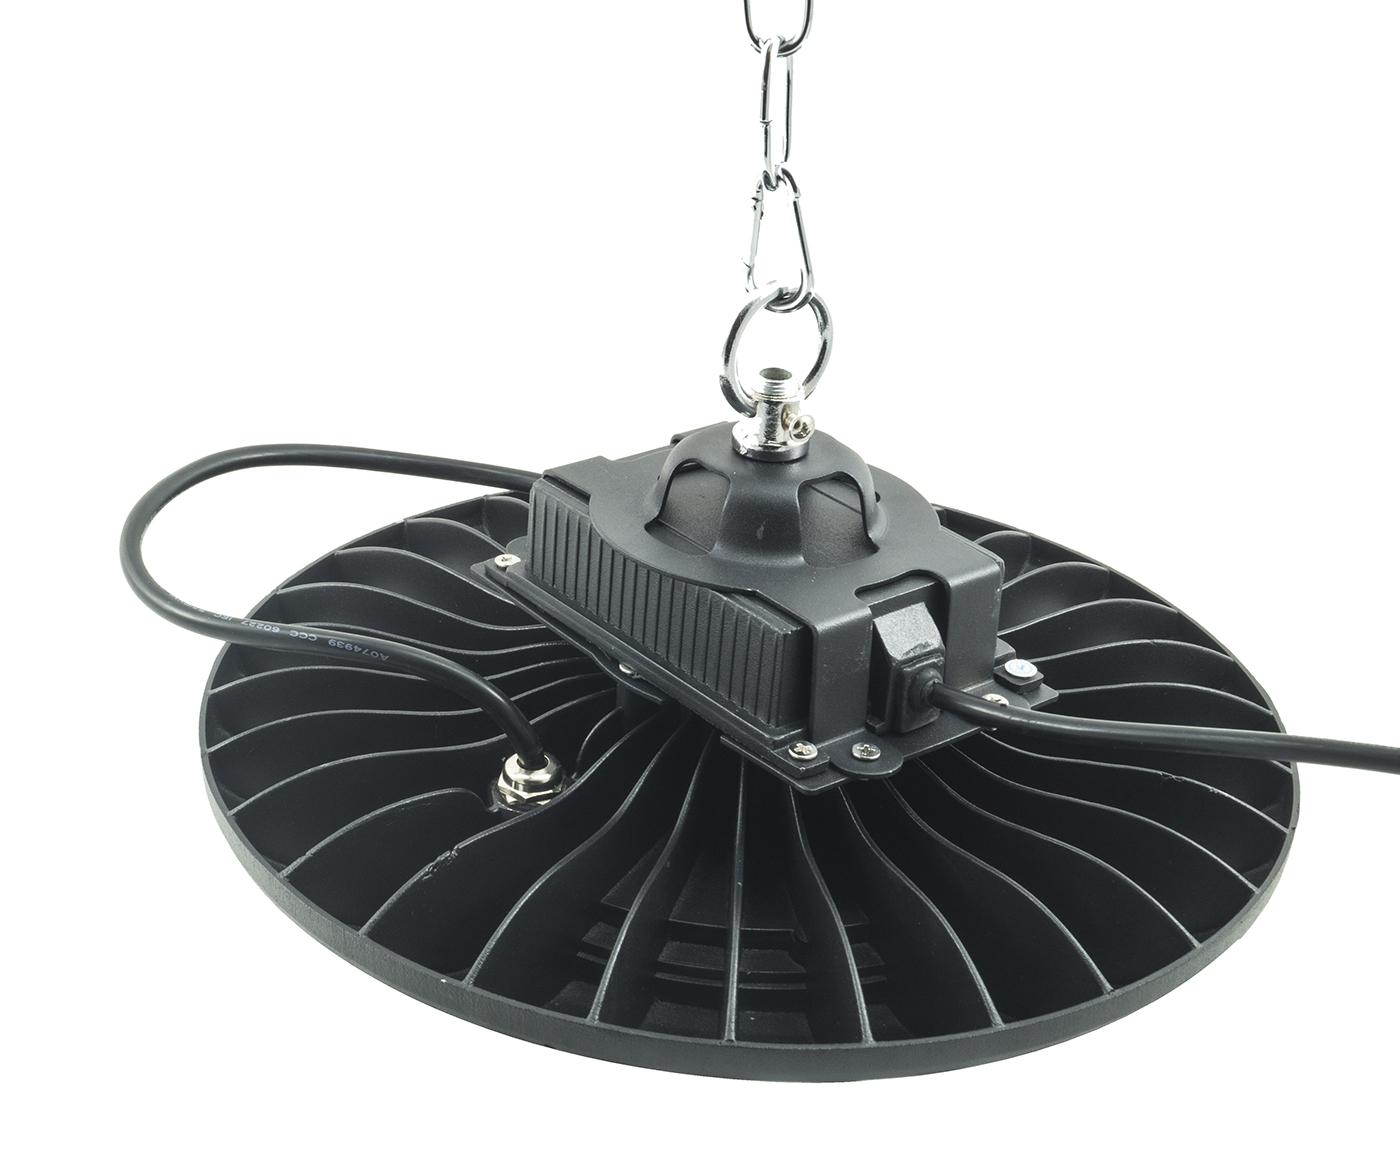 Plafoniere Led Per Capannoni : Bes 21412 illuminazione industriale beselettronica faro led